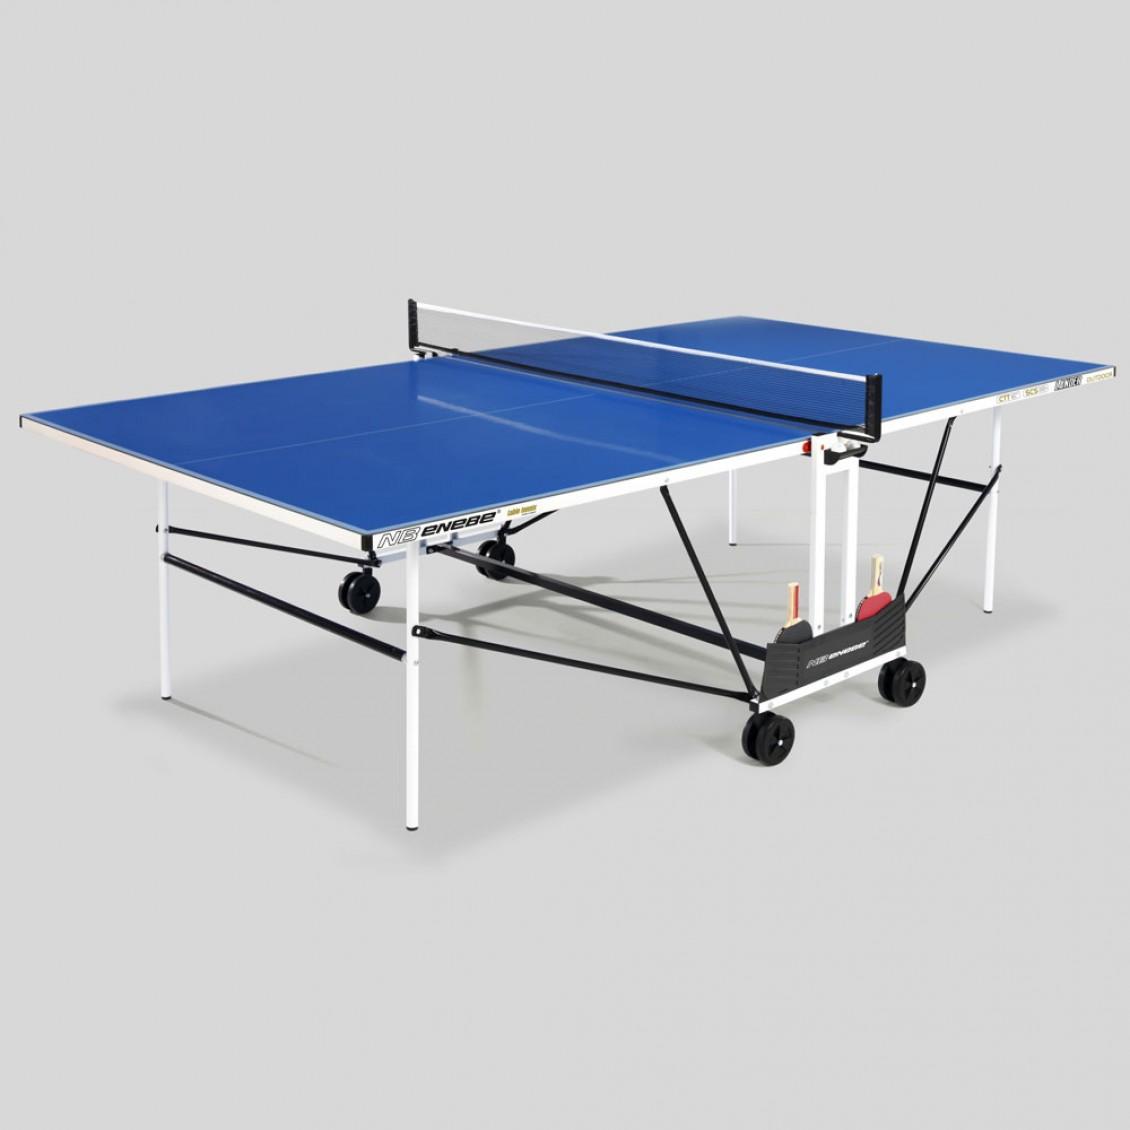 mesa-ping-pong-enebe-new-lander-outdoor-700025-simer